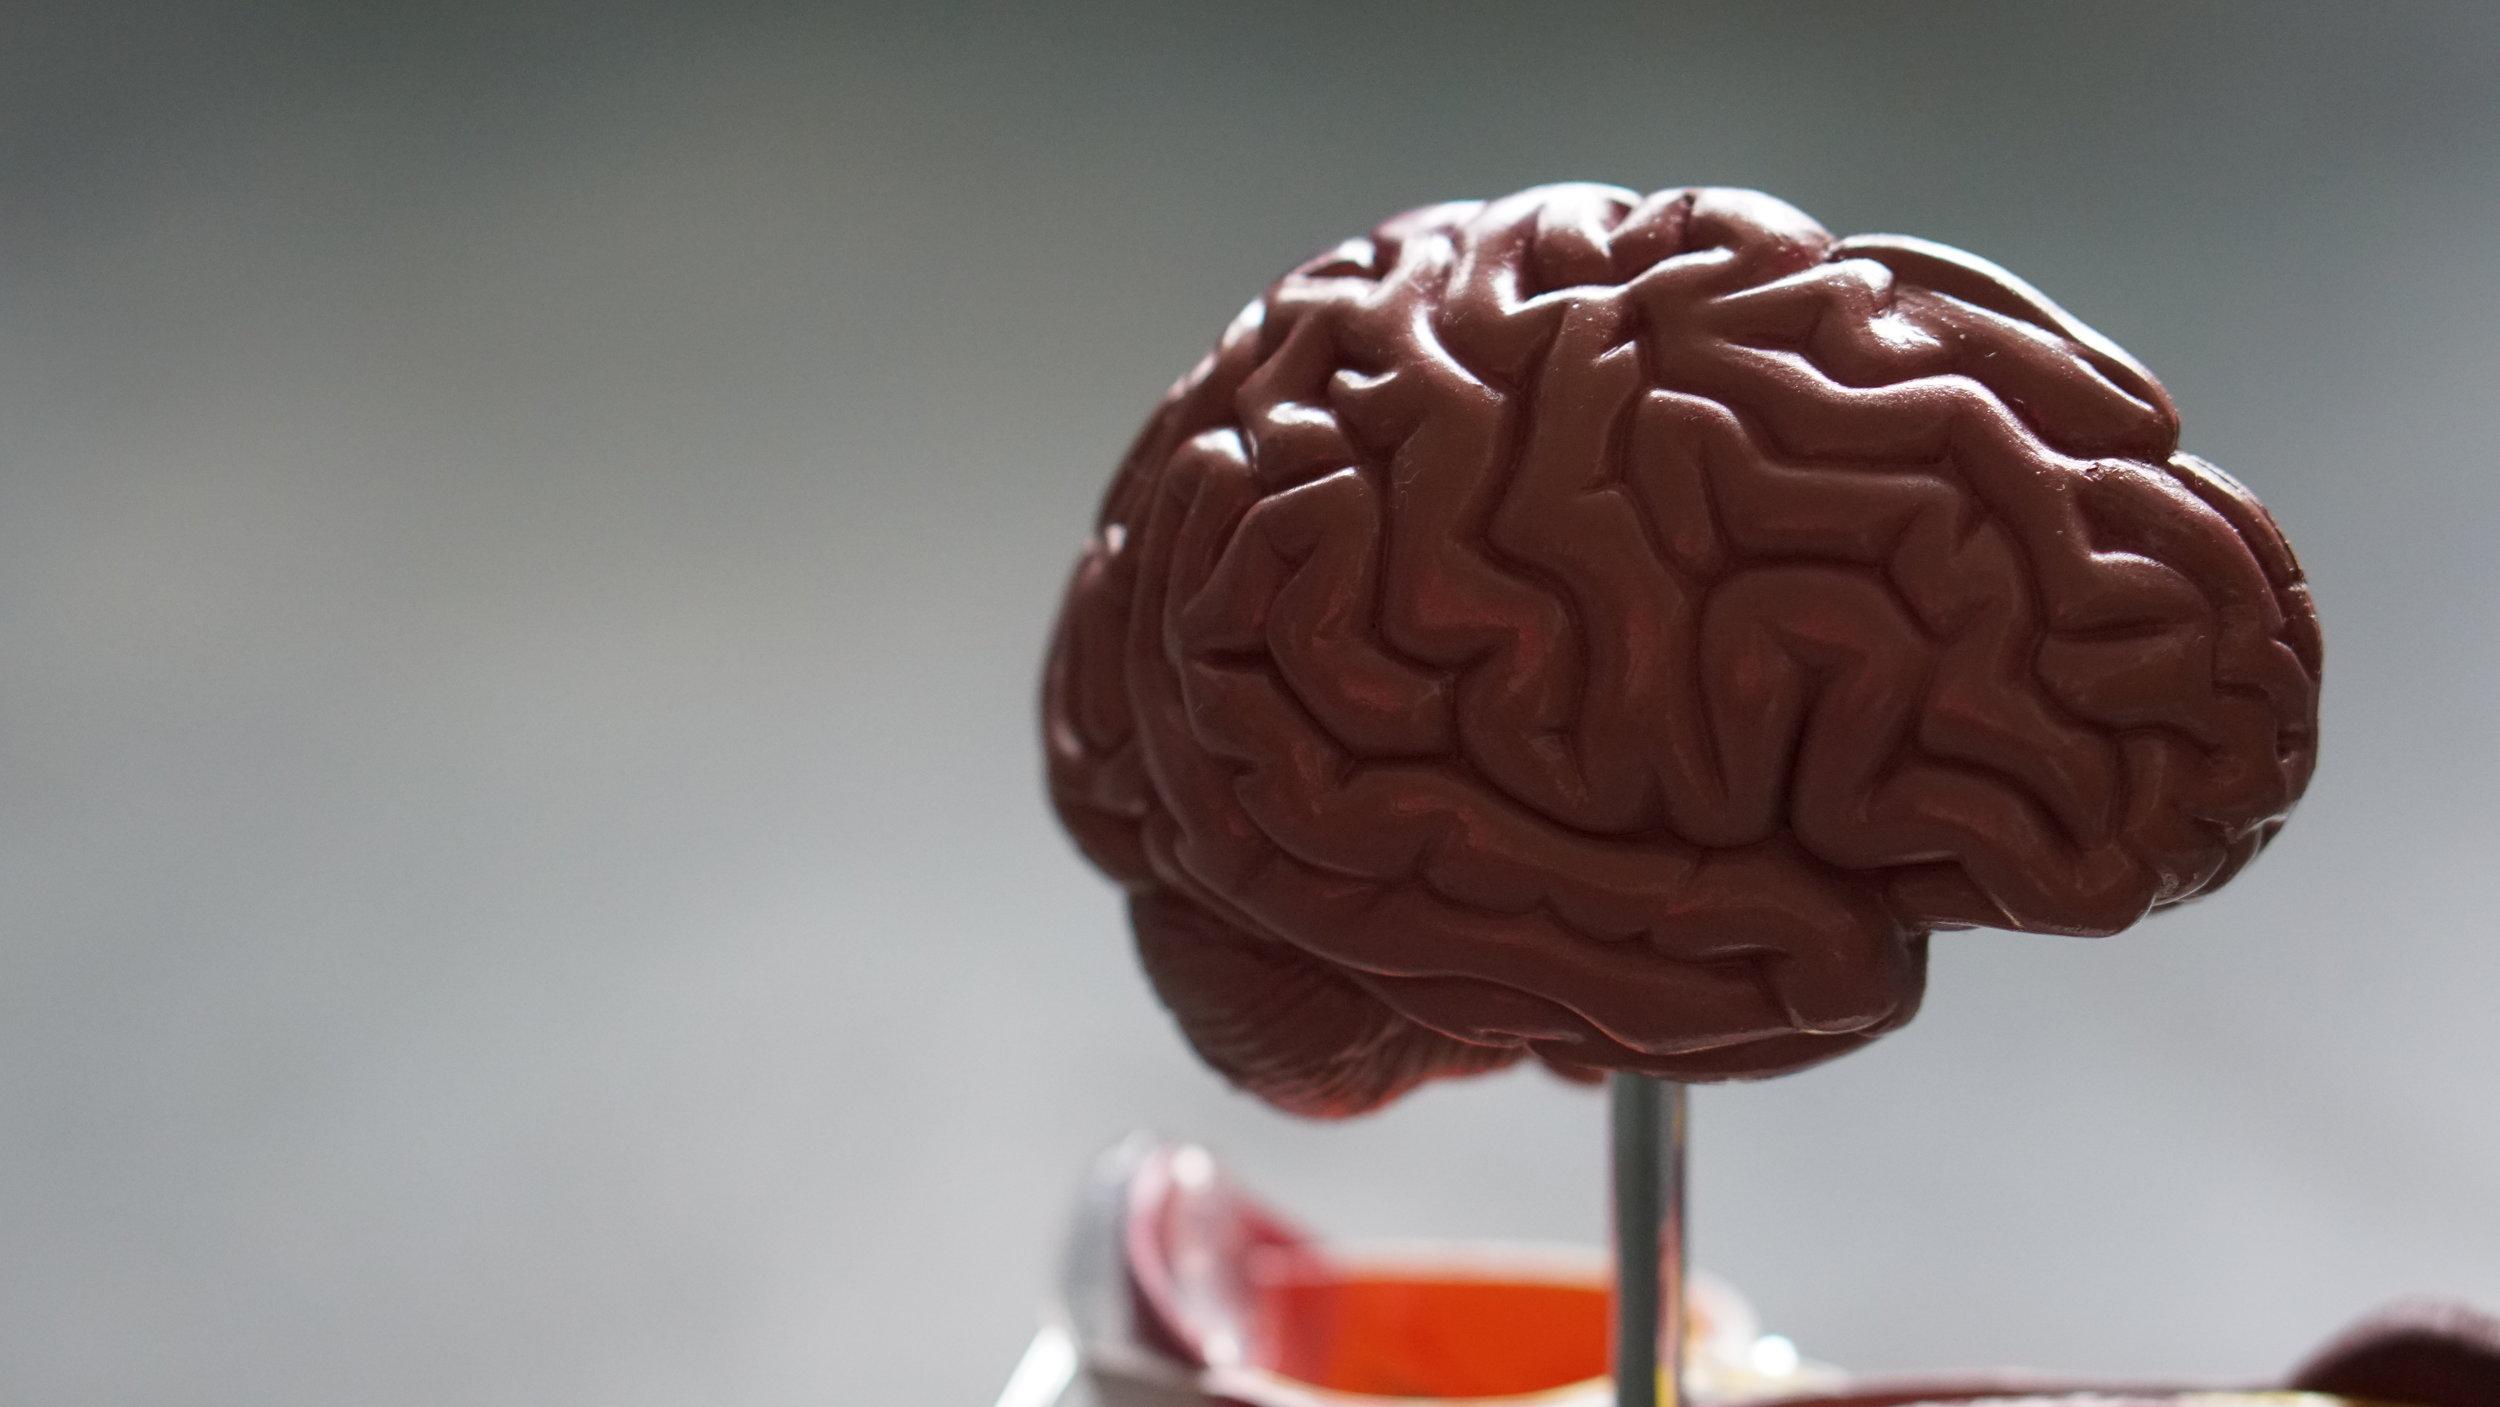 Brain in a dish -